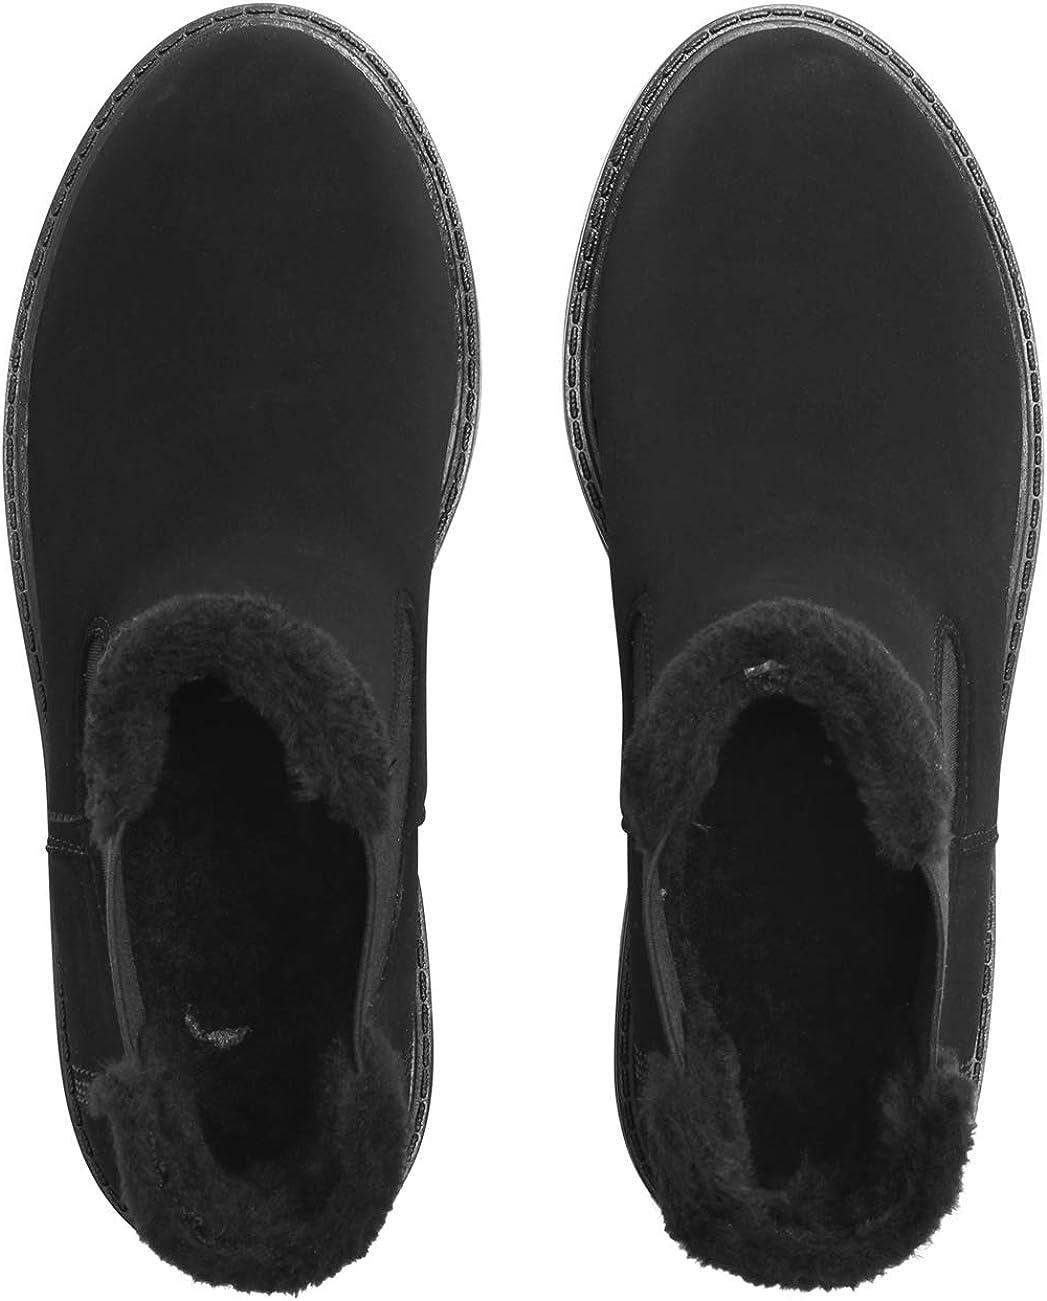 VIVASHOES Femmes Bottes Chelsea Fausse Fourrure Doubl/ée Cuir Gros Morceaux Imperm/éable Semelle en Caoutchouc lhiver Neige Chaussure Bottes